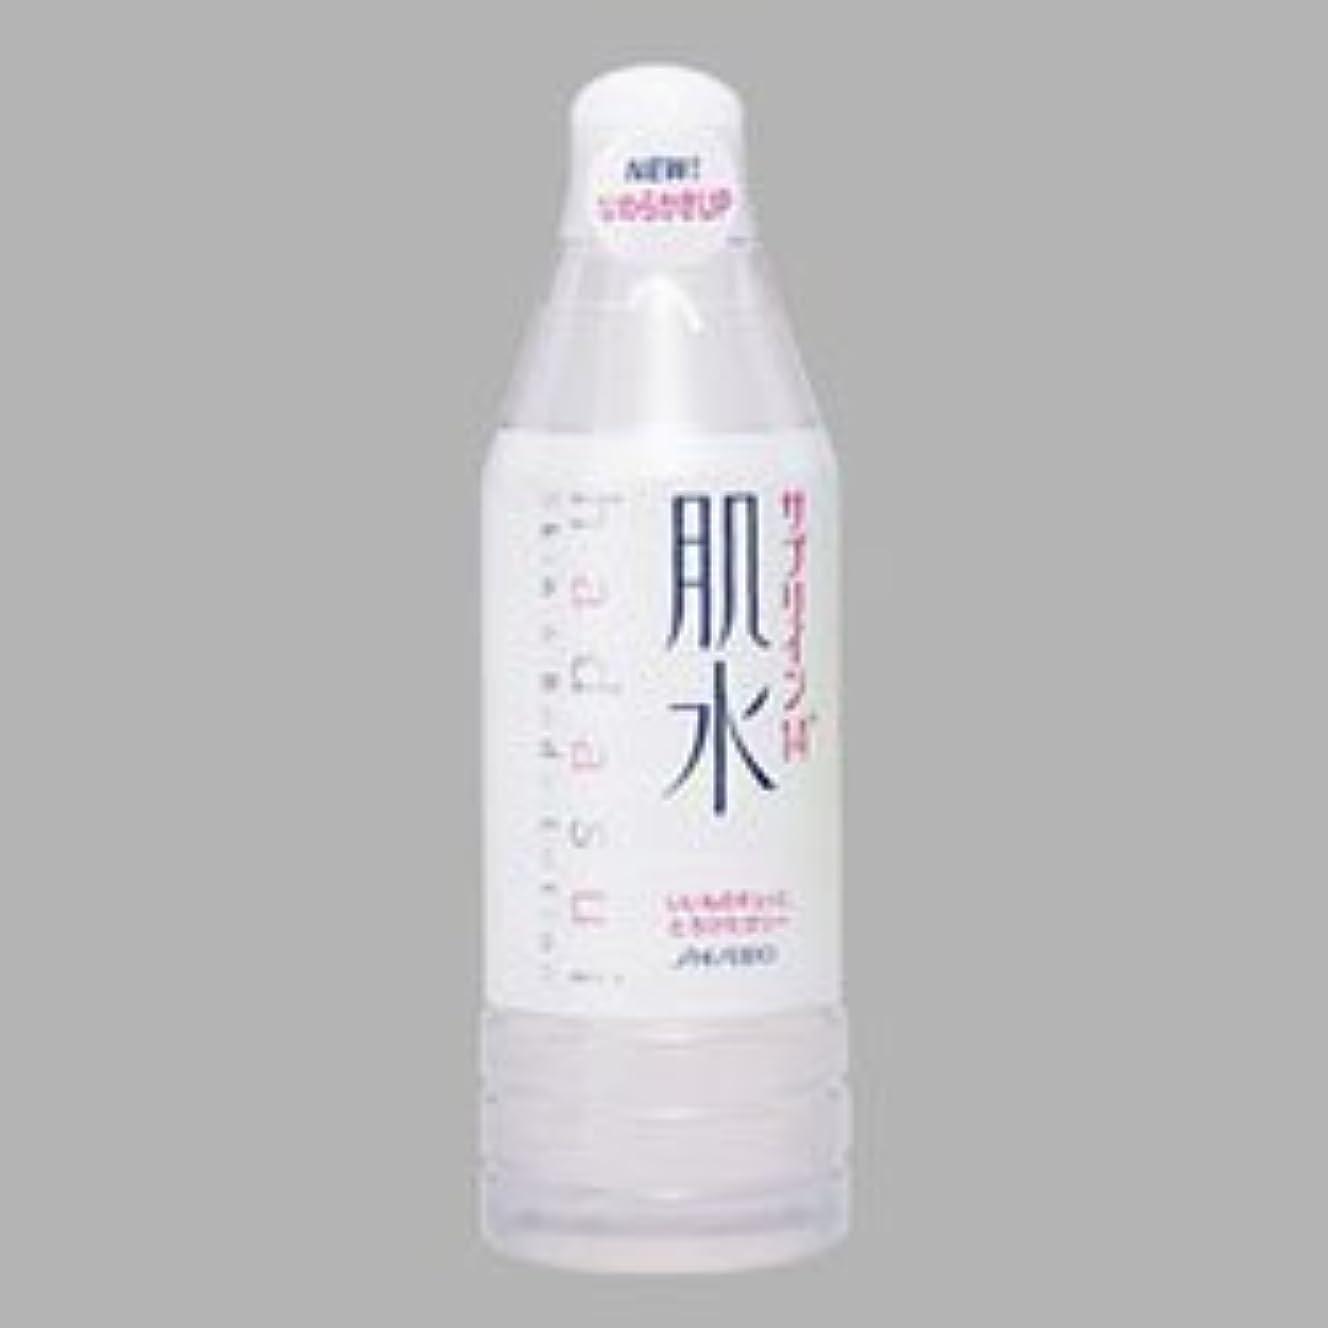 想像力豊かなとティーム栄光【エフティ資生堂】肌水サプリイン14+ (ボトル) 400ml☆☆ ×5個セット